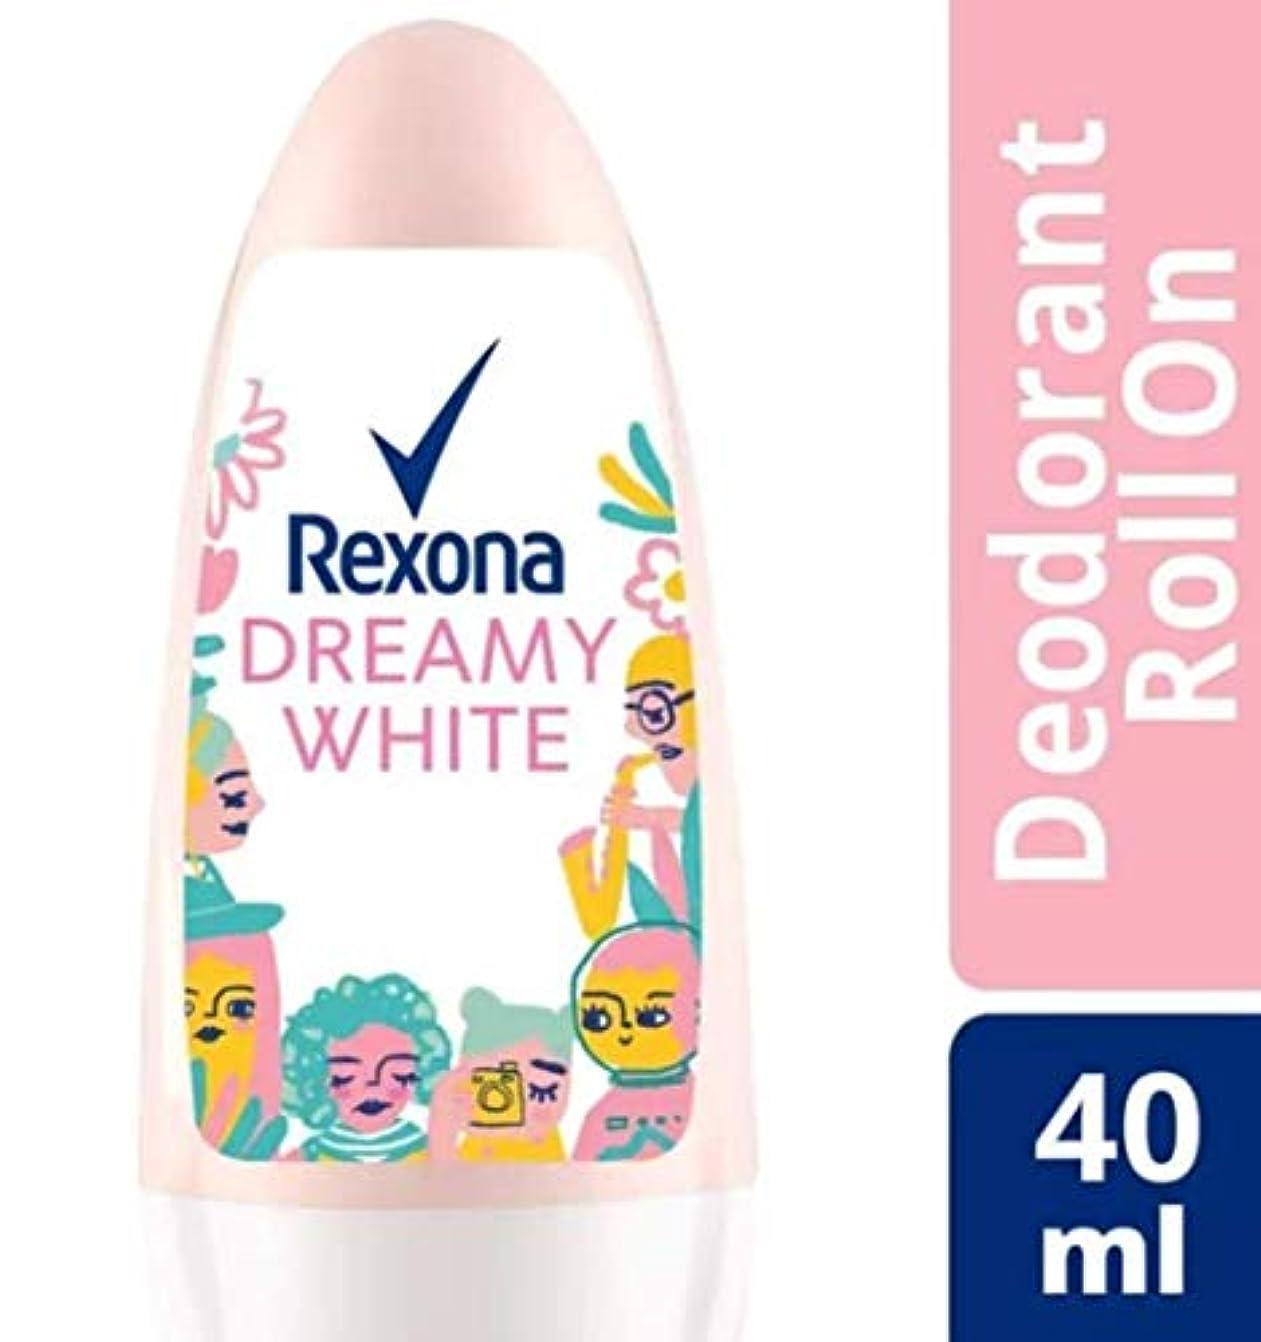 誤解させる流す工業用Rexona レクソナ woman 制汗 デオドラント ロールオン DREAMY WHITE【アルコール 0%】ソフトなユリの香り 40ml [並行輸入品]